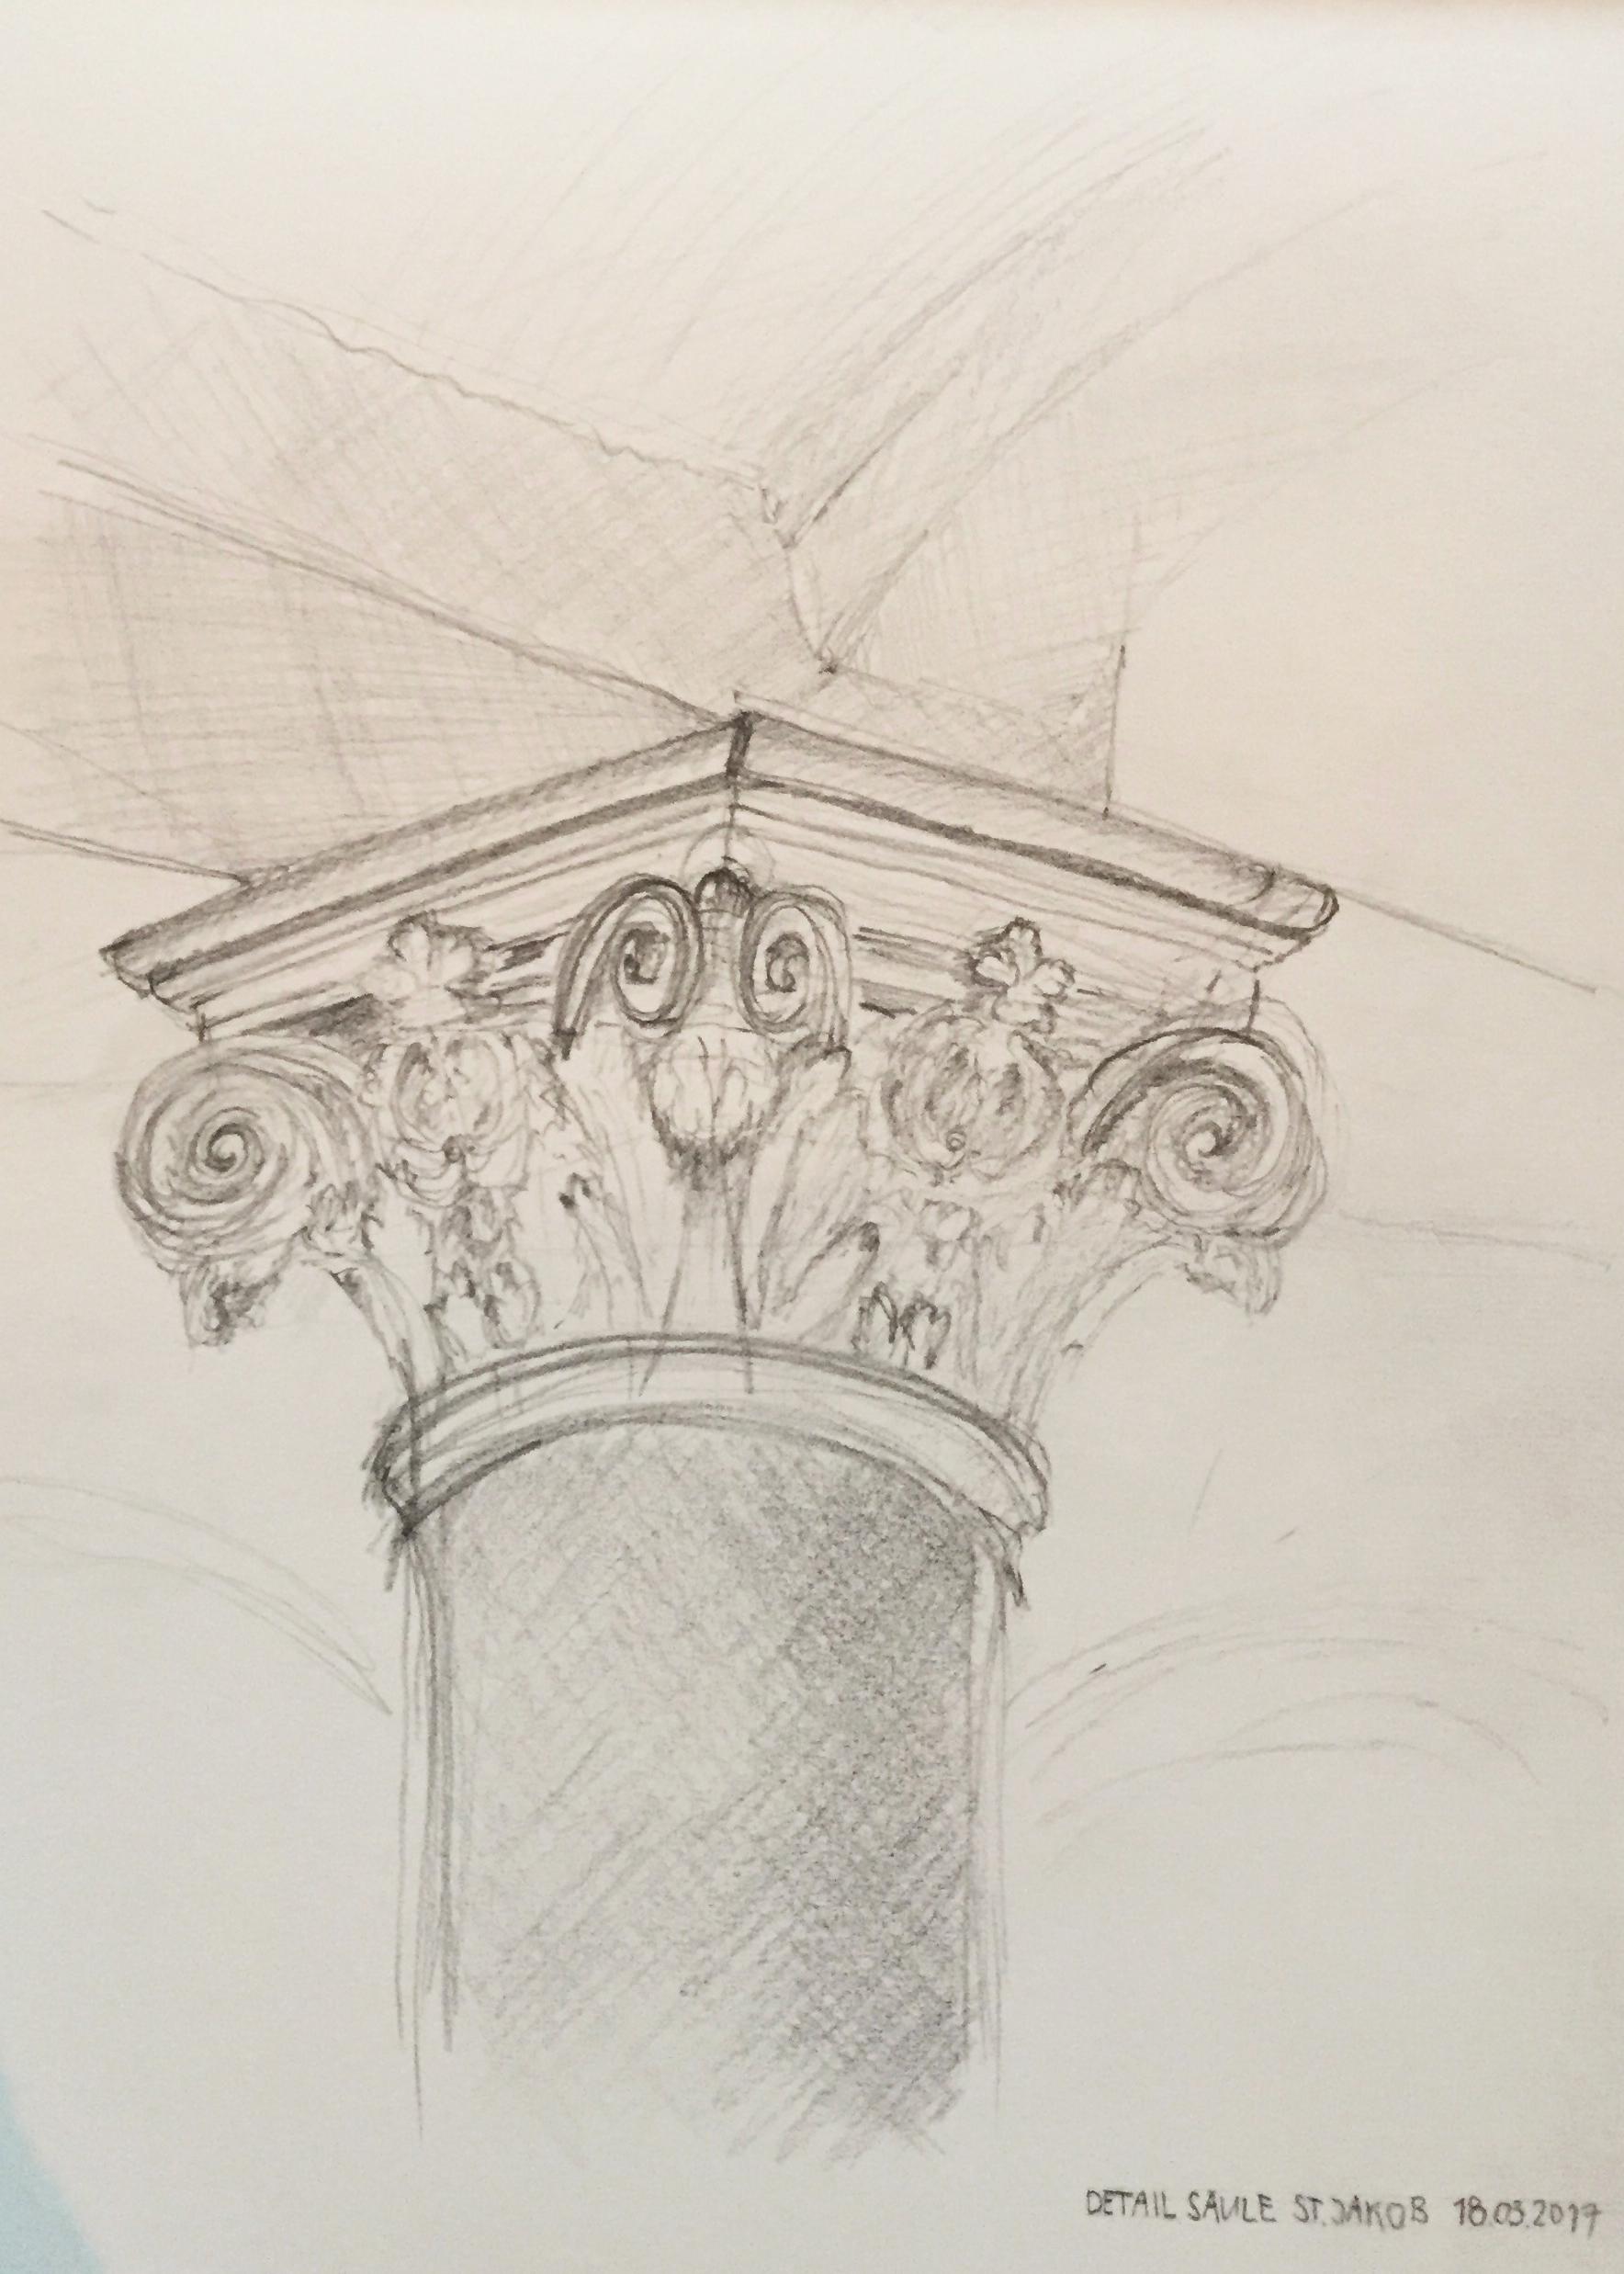 Säule St.Jakob, Detailstudie